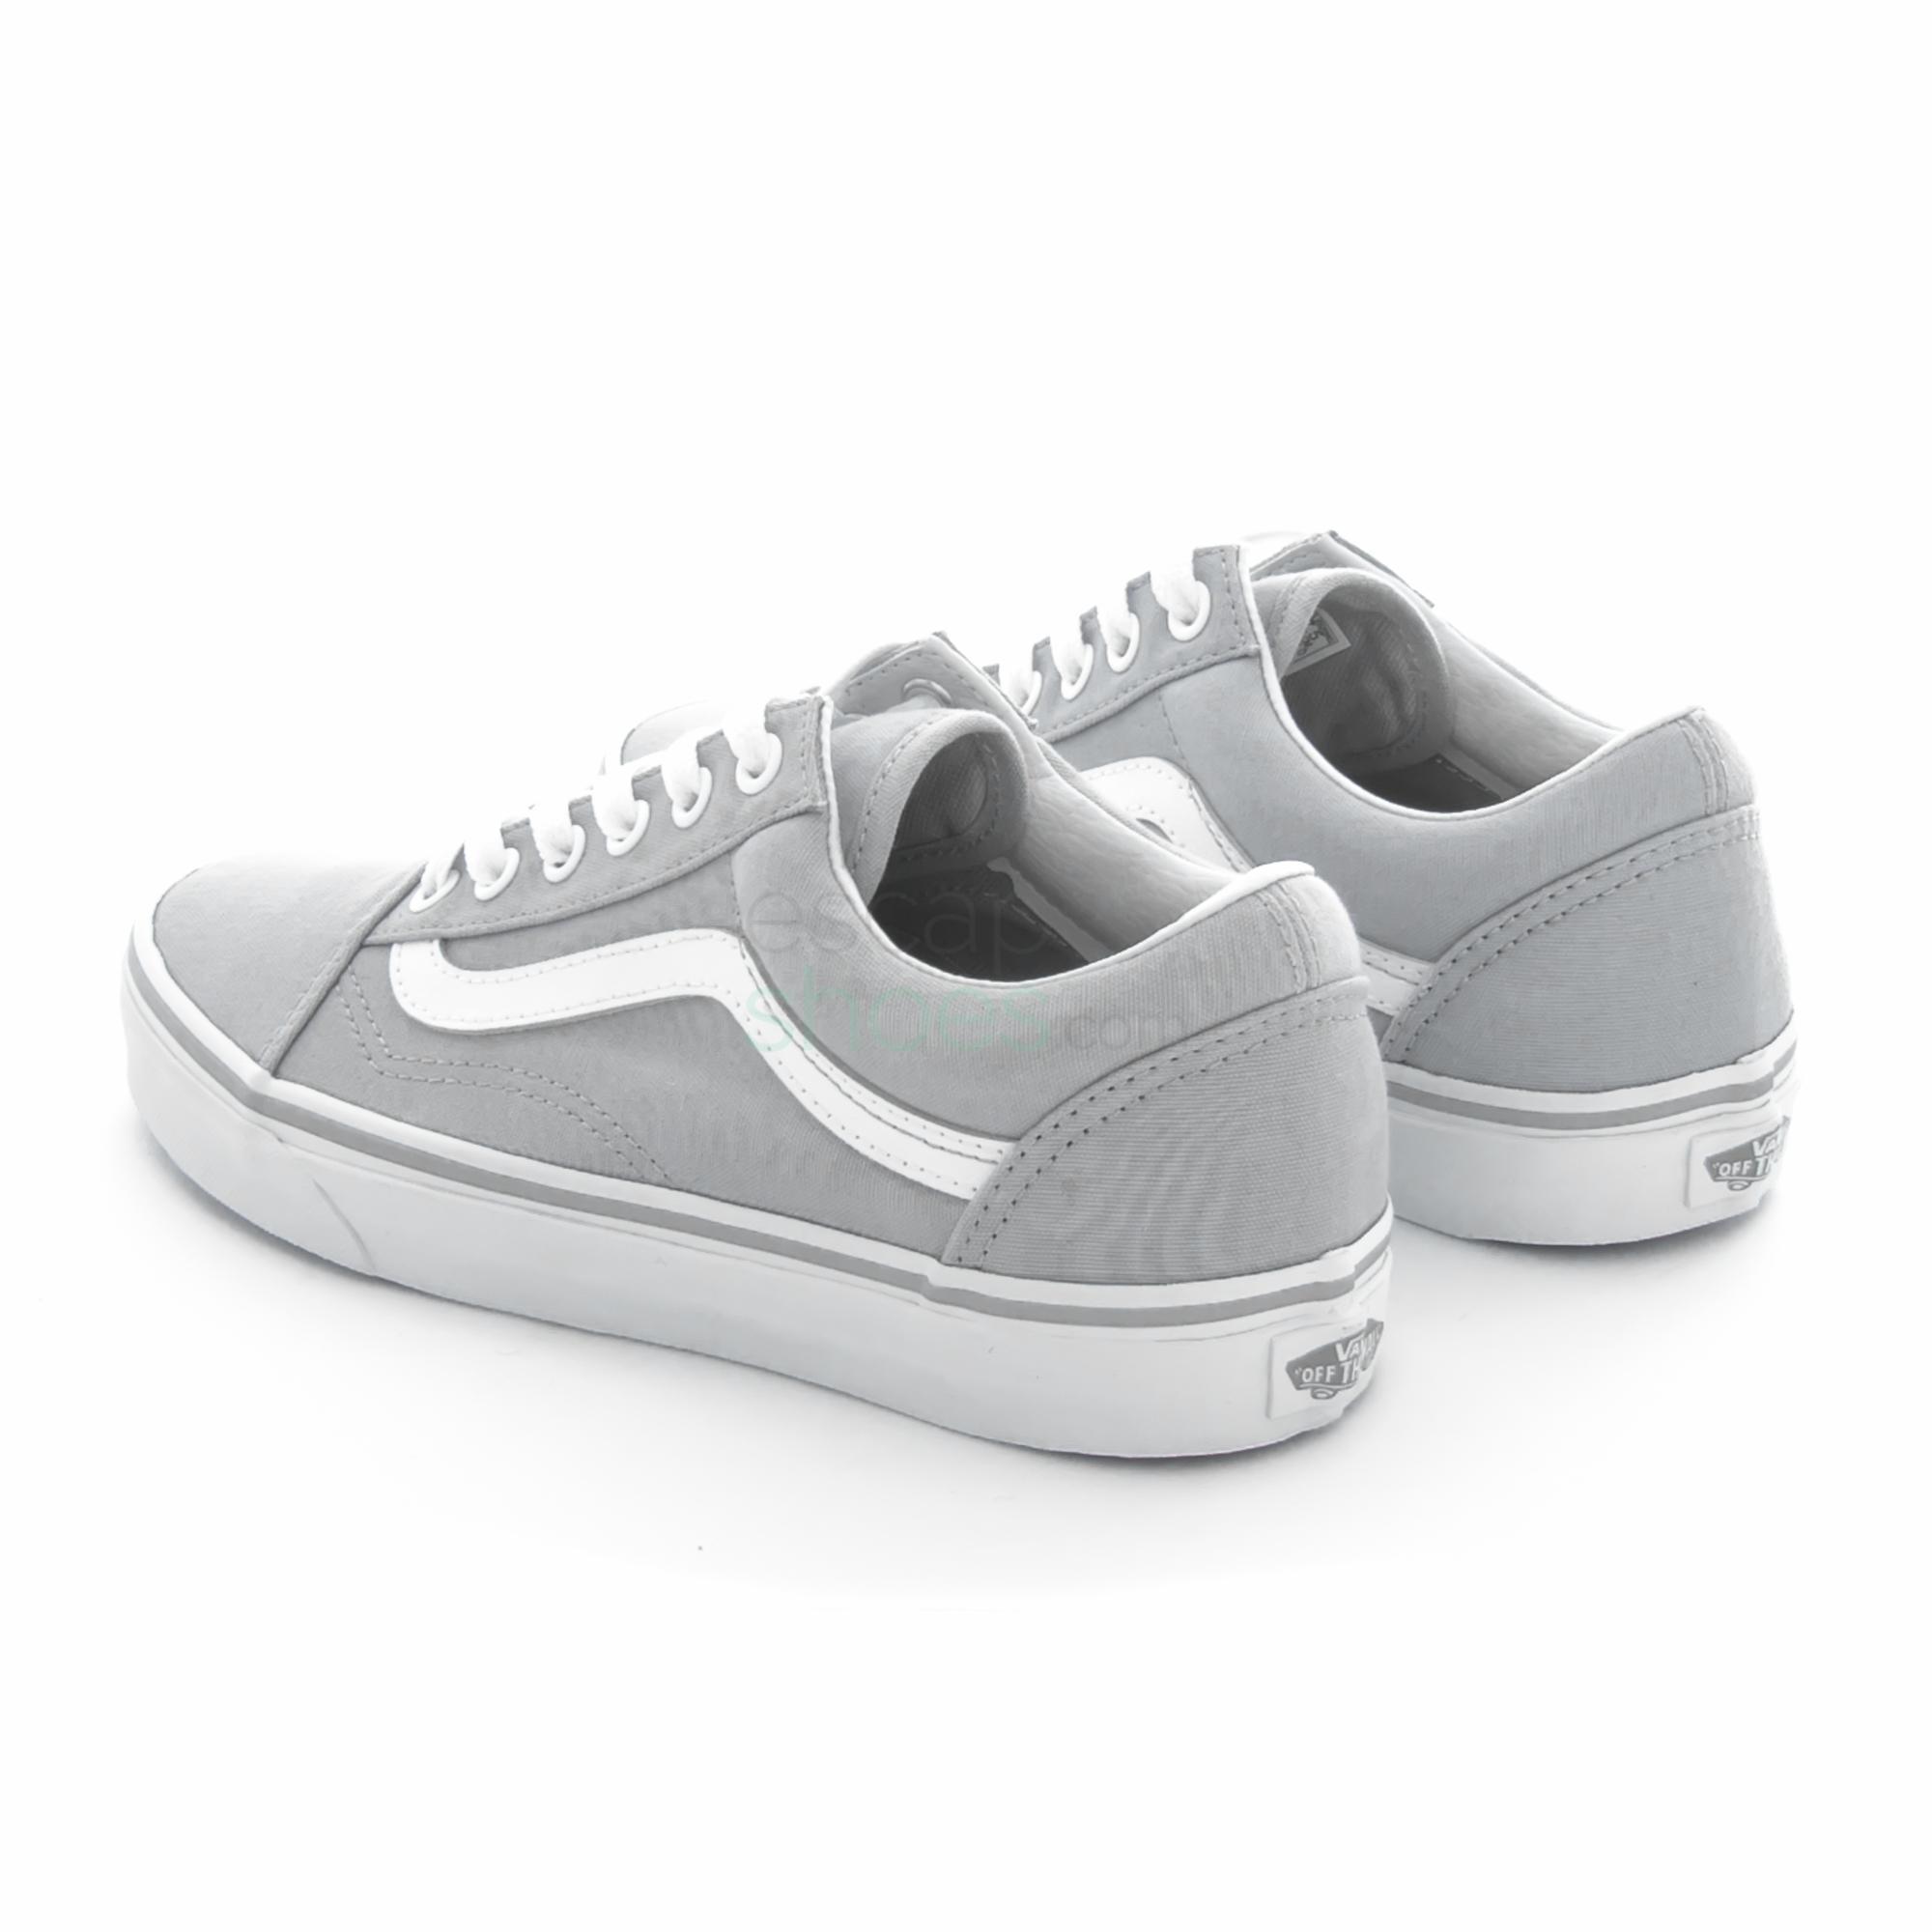 Sneakers Drizzle Va38g1iyp Old Vans White Skool True wk0OnP